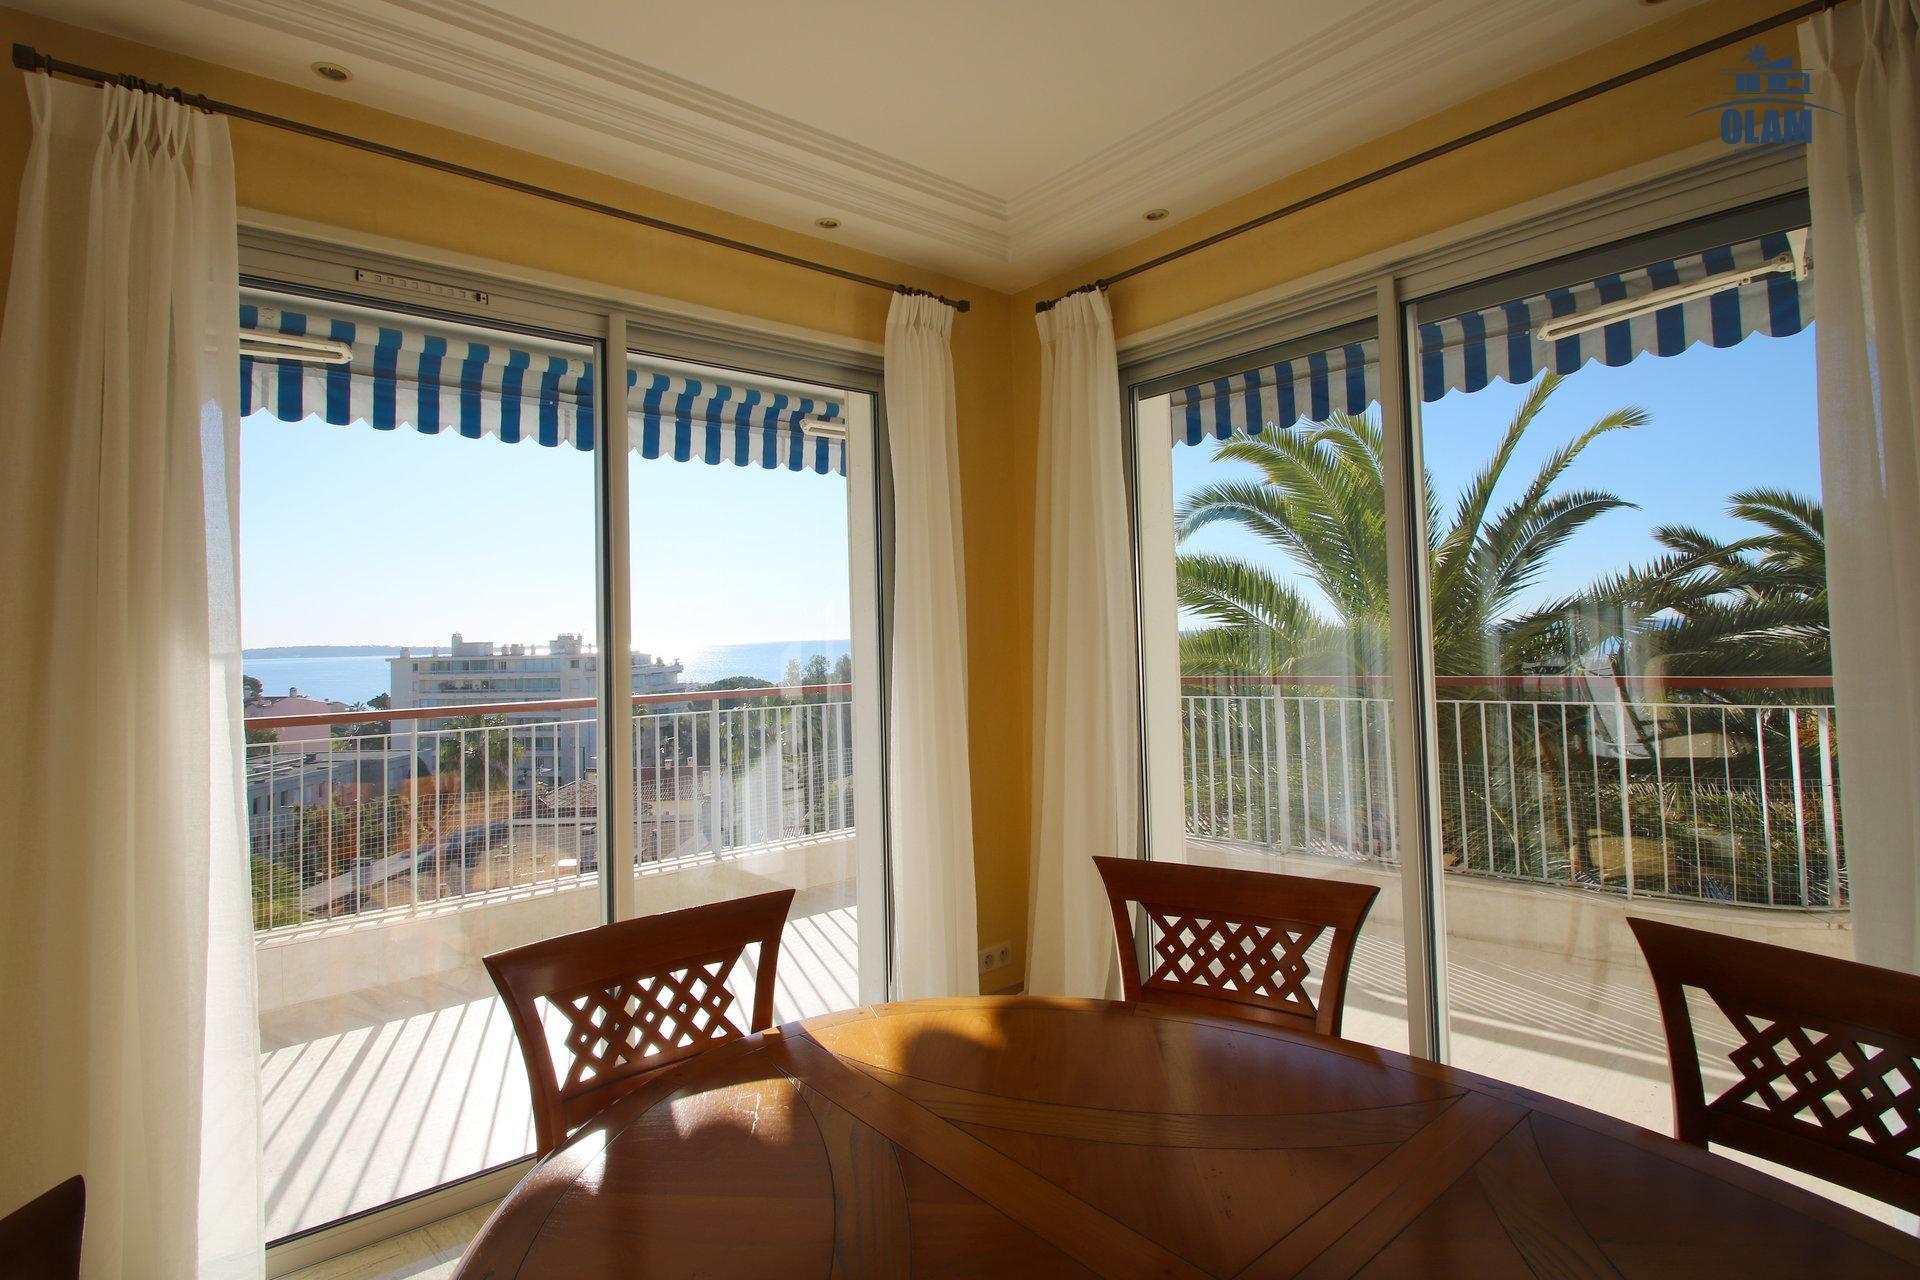 Séjour, Cannes, Croisette, Côte d'Azur, vue mer